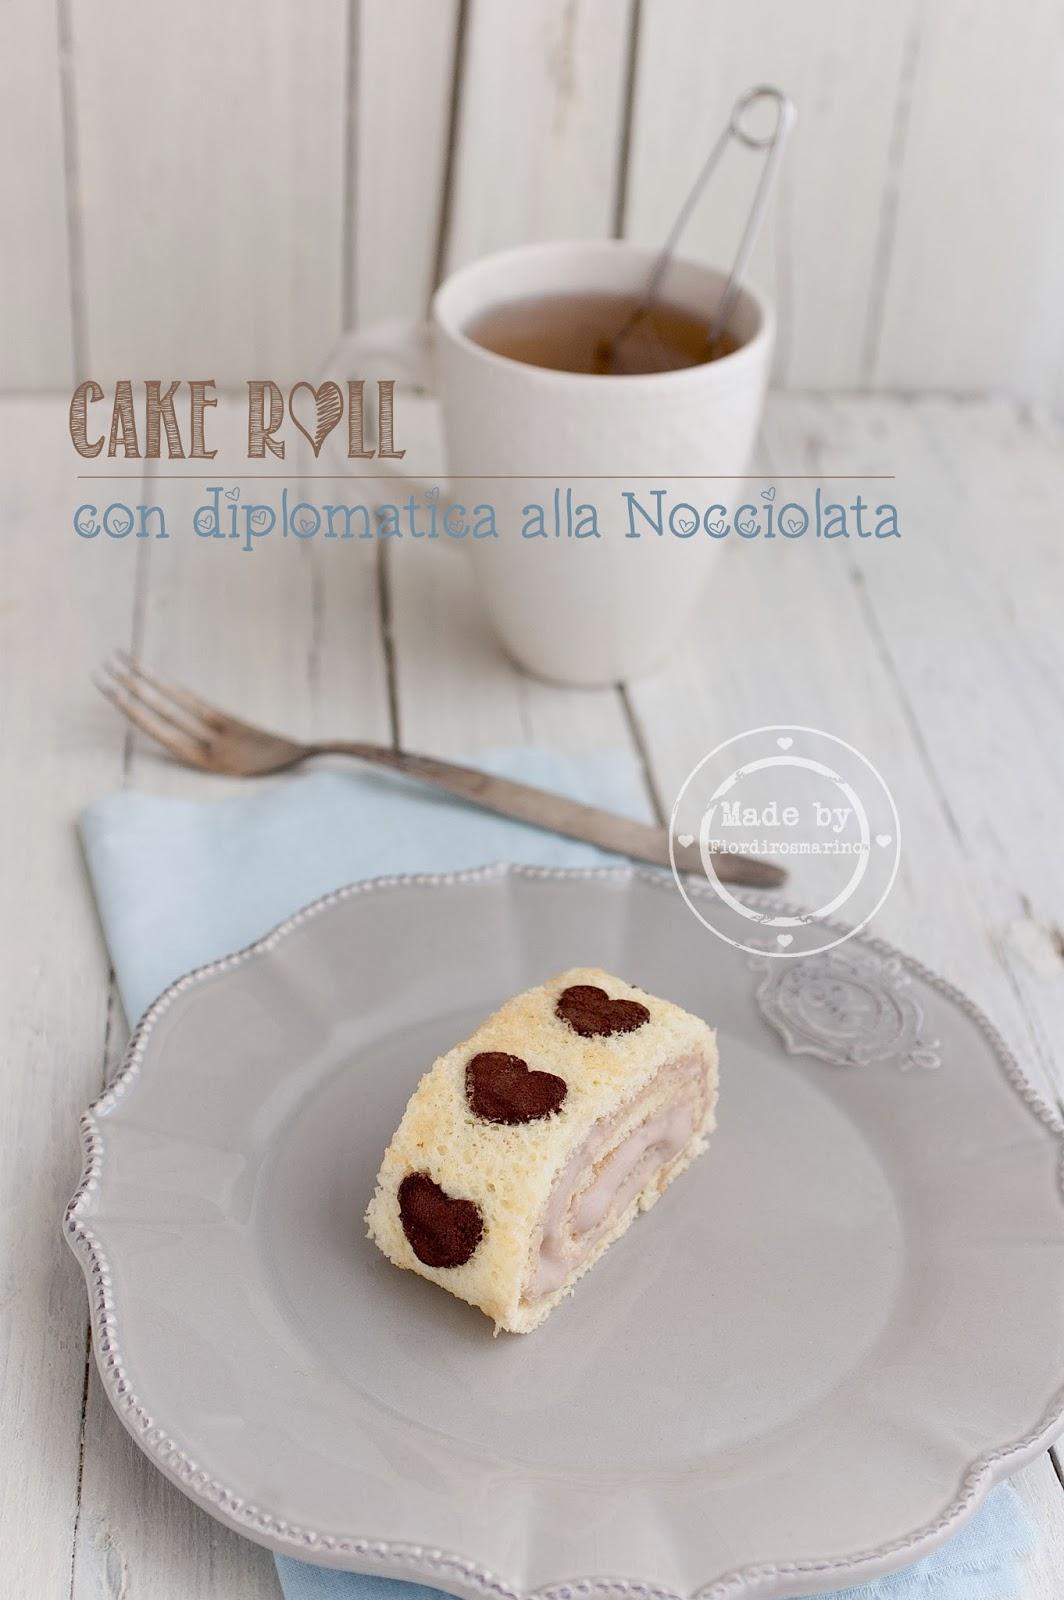 cake roll con diplomatica alla nocciolata per festeggiare tre anni di blog ♥